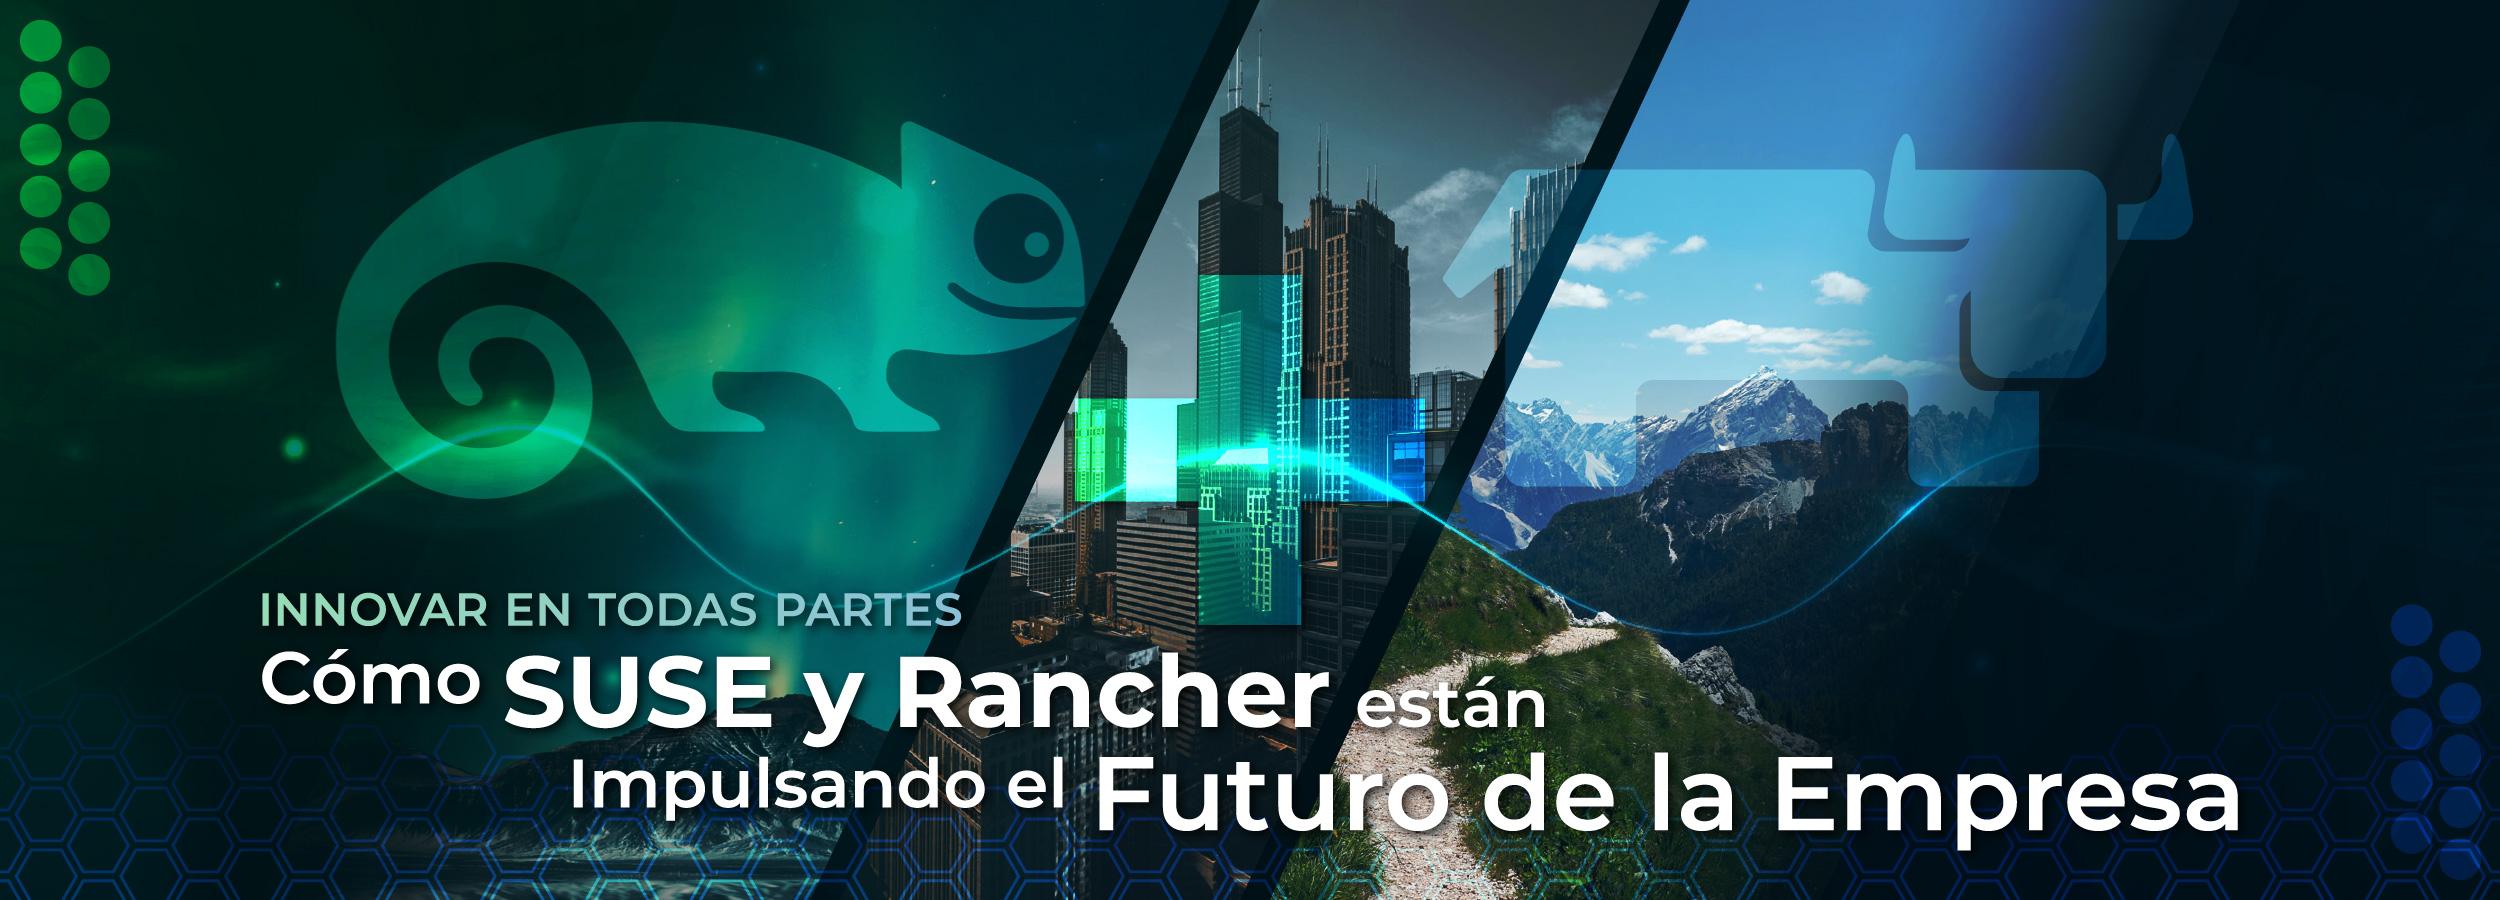 Cómo SUSE y Rancher están impulsando el futuro de la empresa